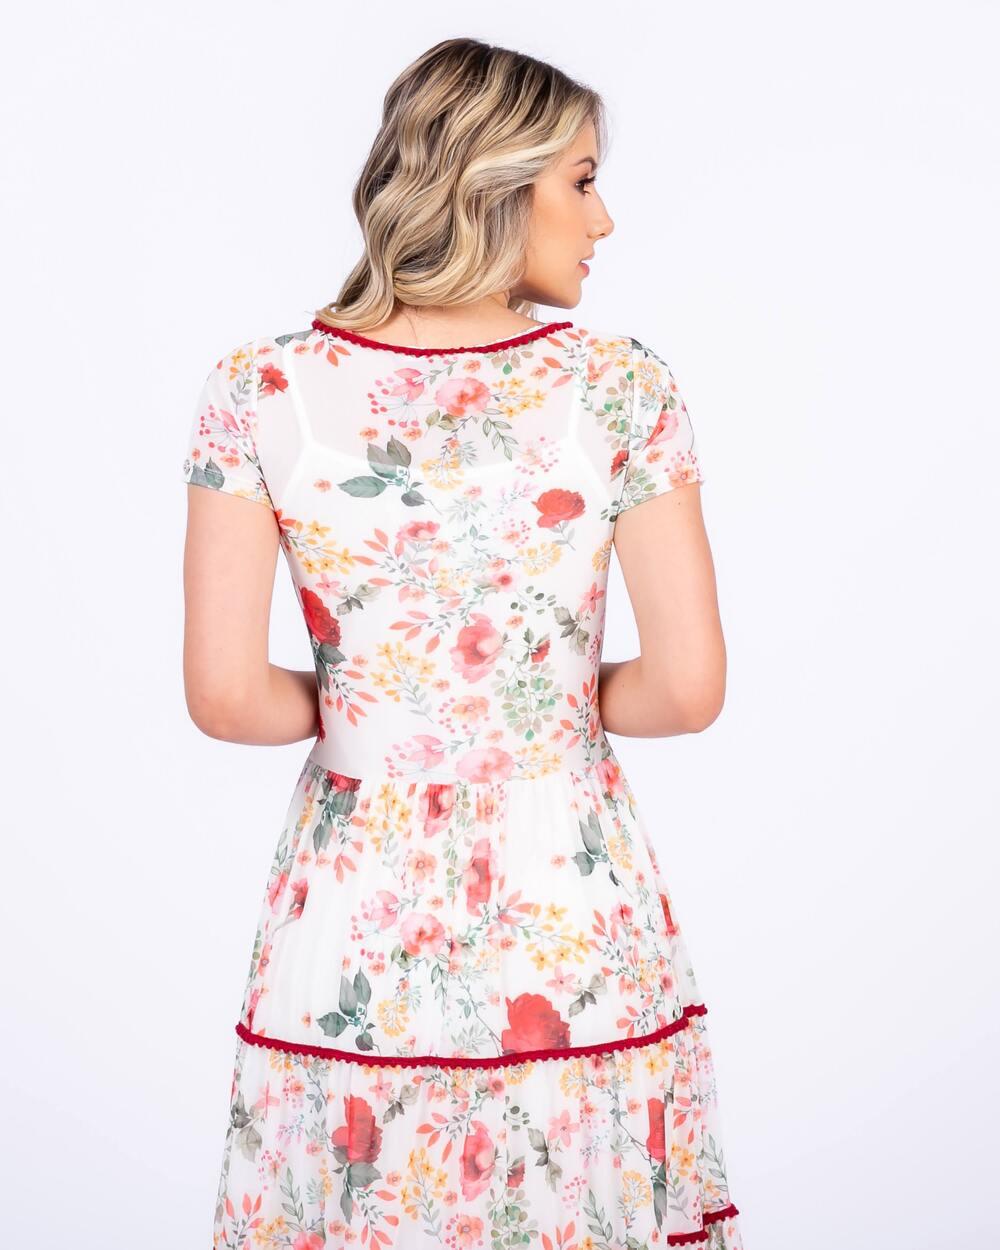 Vestido em Tule Floral, Modelagem Solta